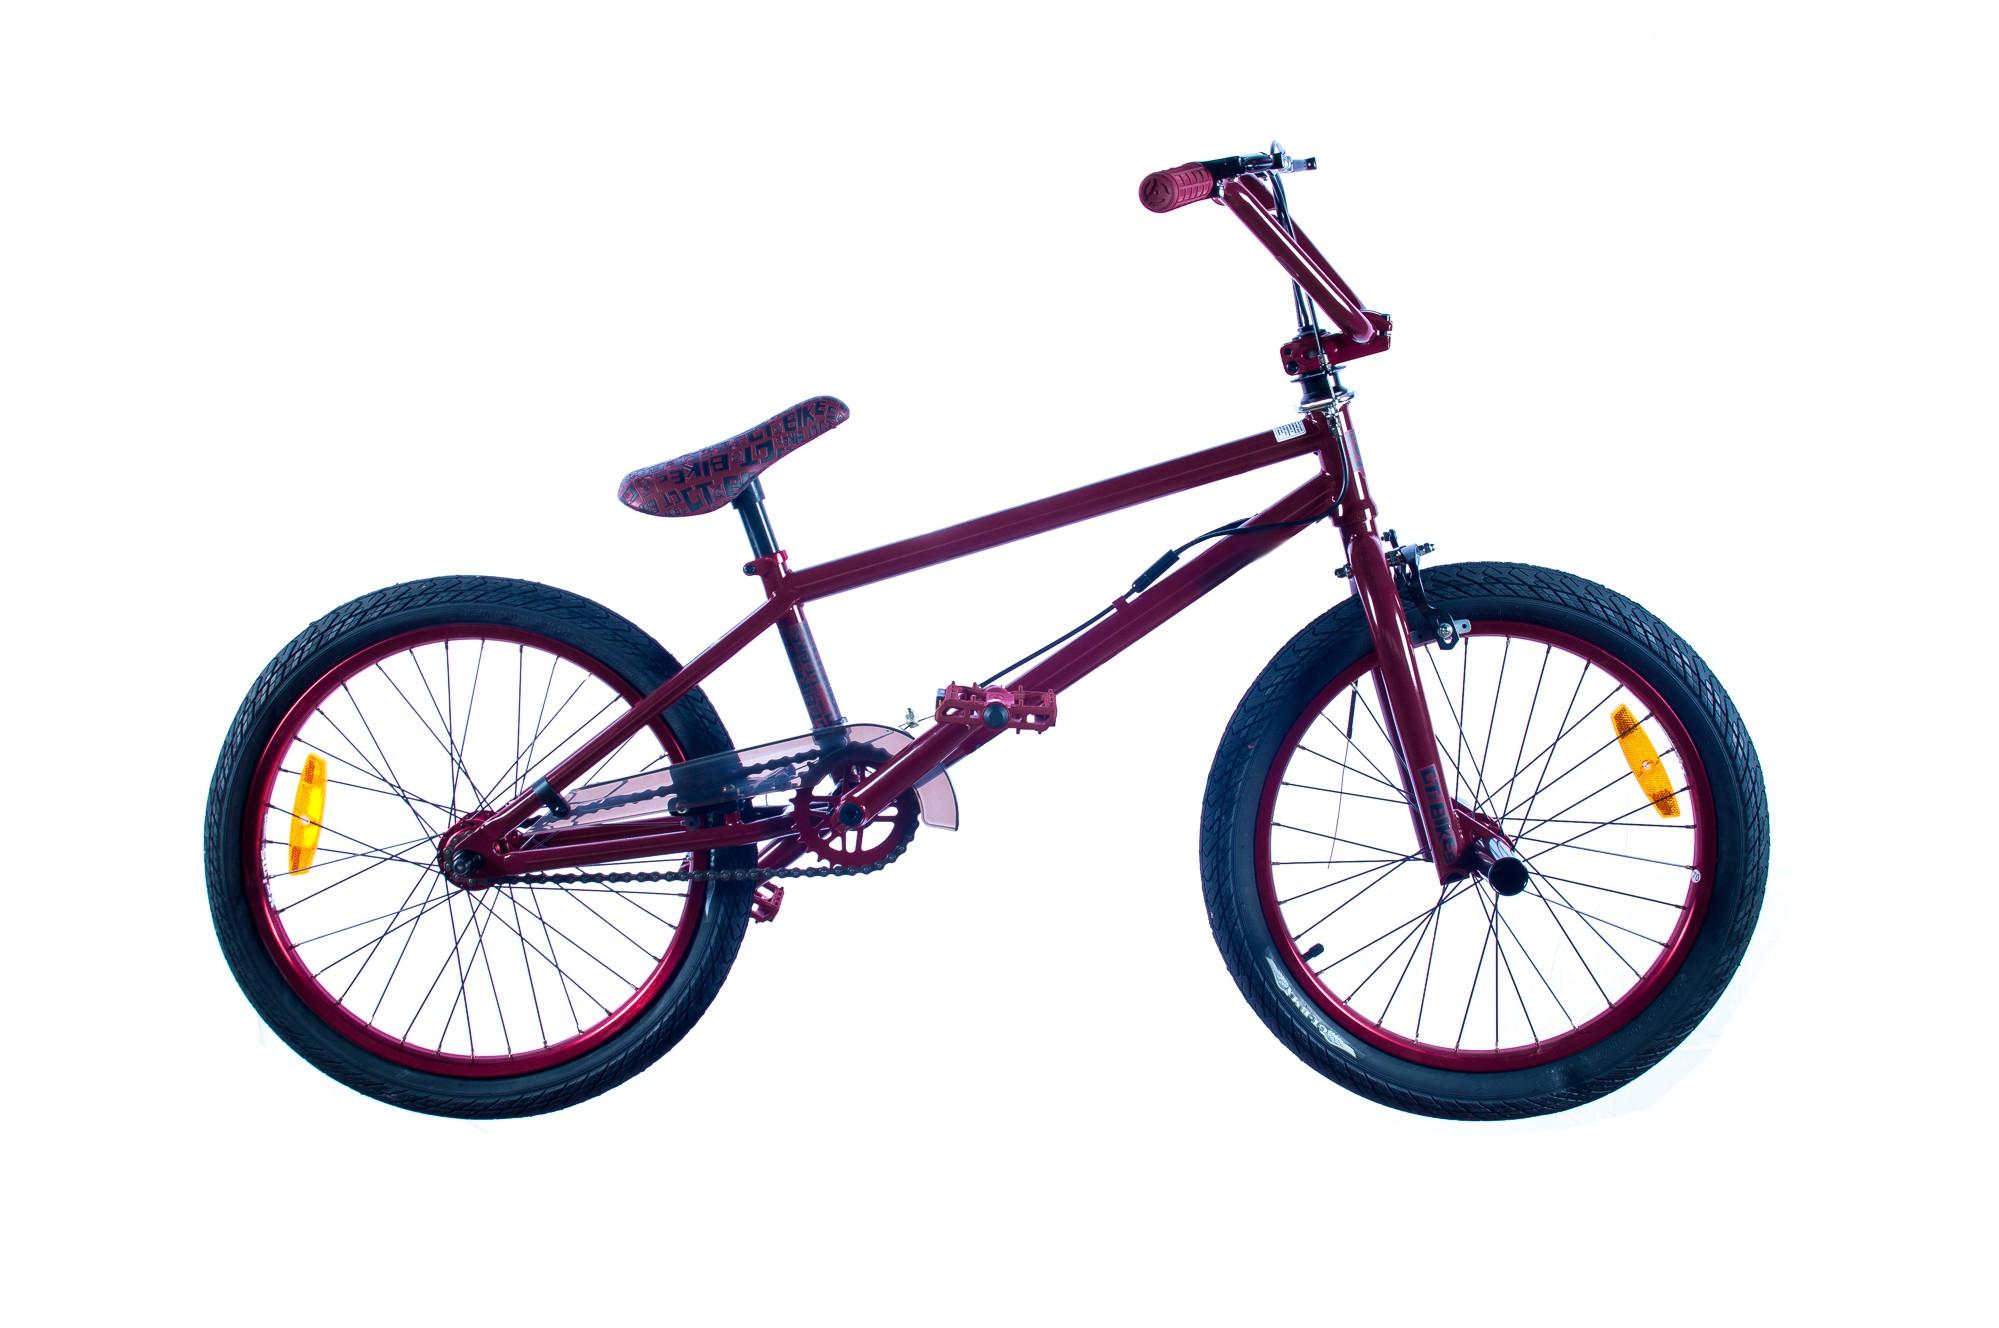 gt bmx fahrr der verschiedene designs fahrrad freestyle rad bicycle bikes neu ebay. Black Bedroom Furniture Sets. Home Design Ideas